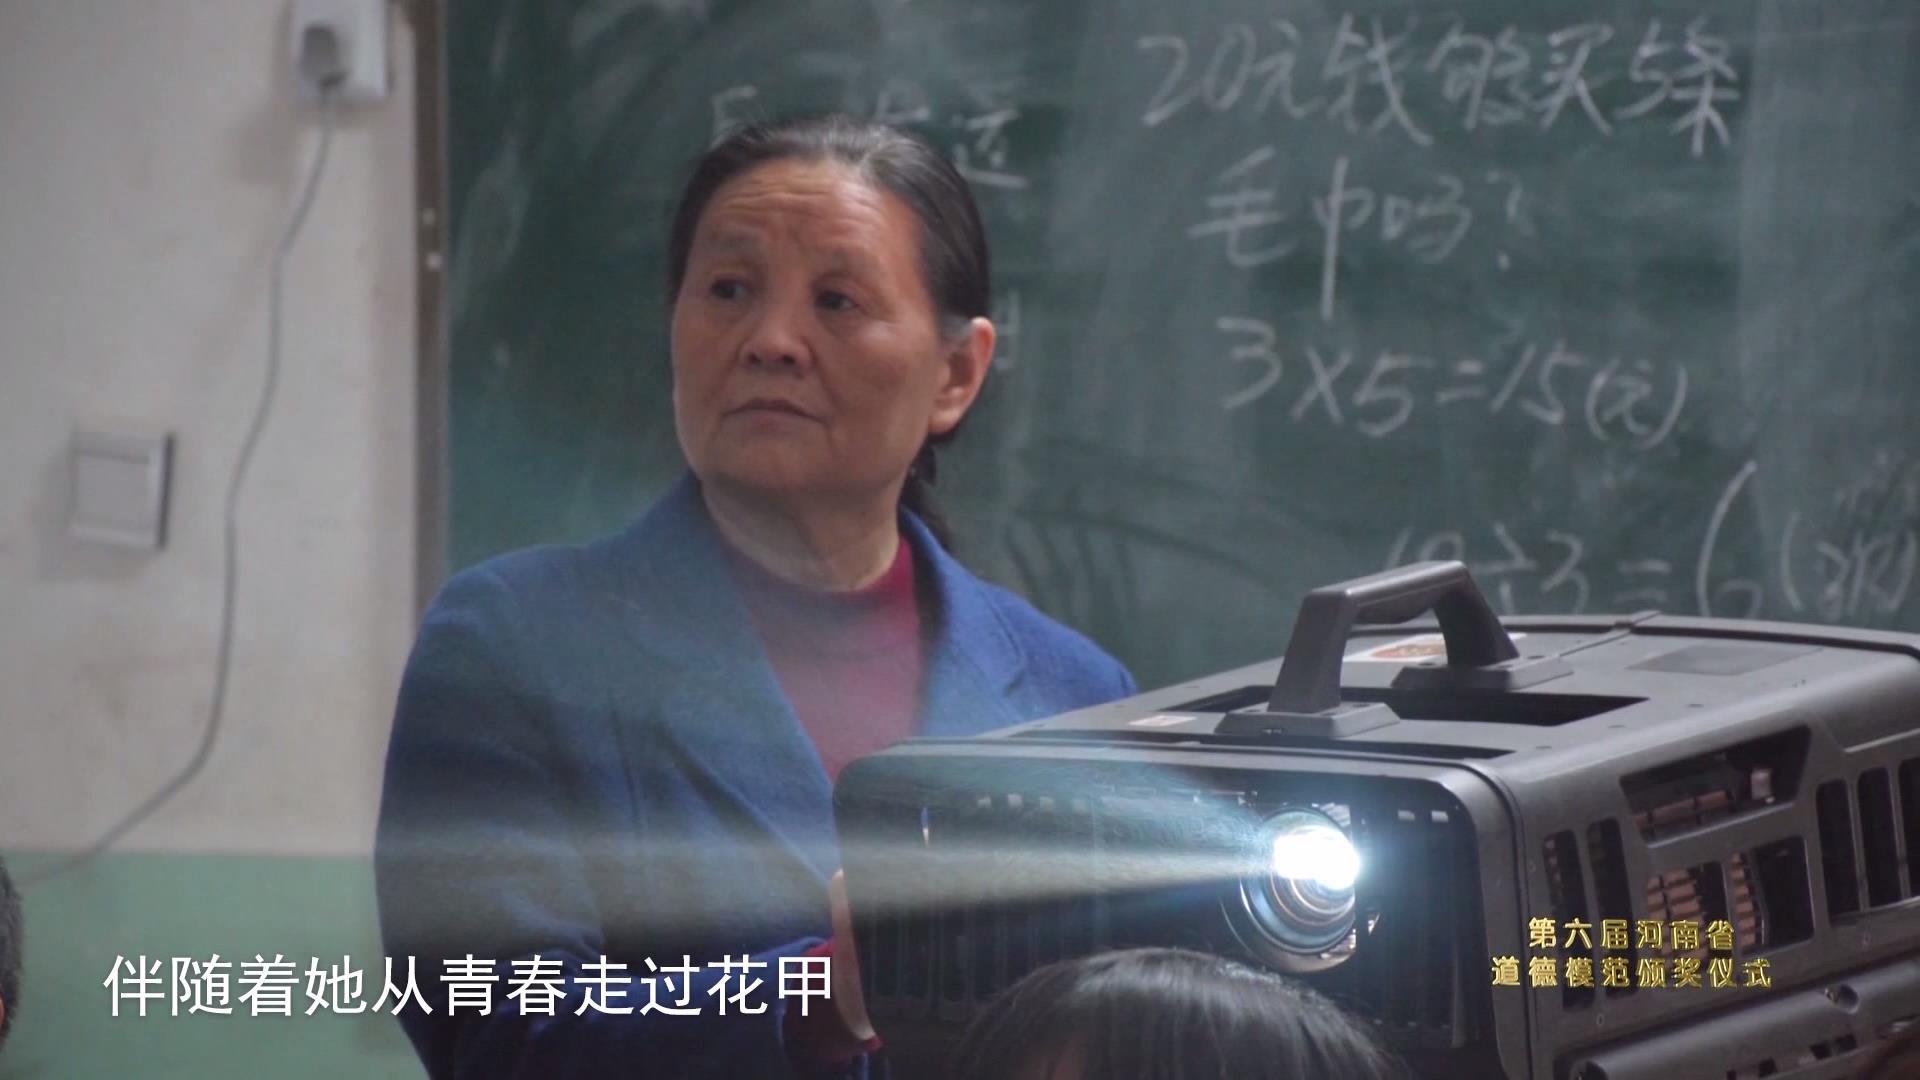 郭建华�女放映员42年坚持做一件事 为农[00_00_31][20190313-100113].jpg